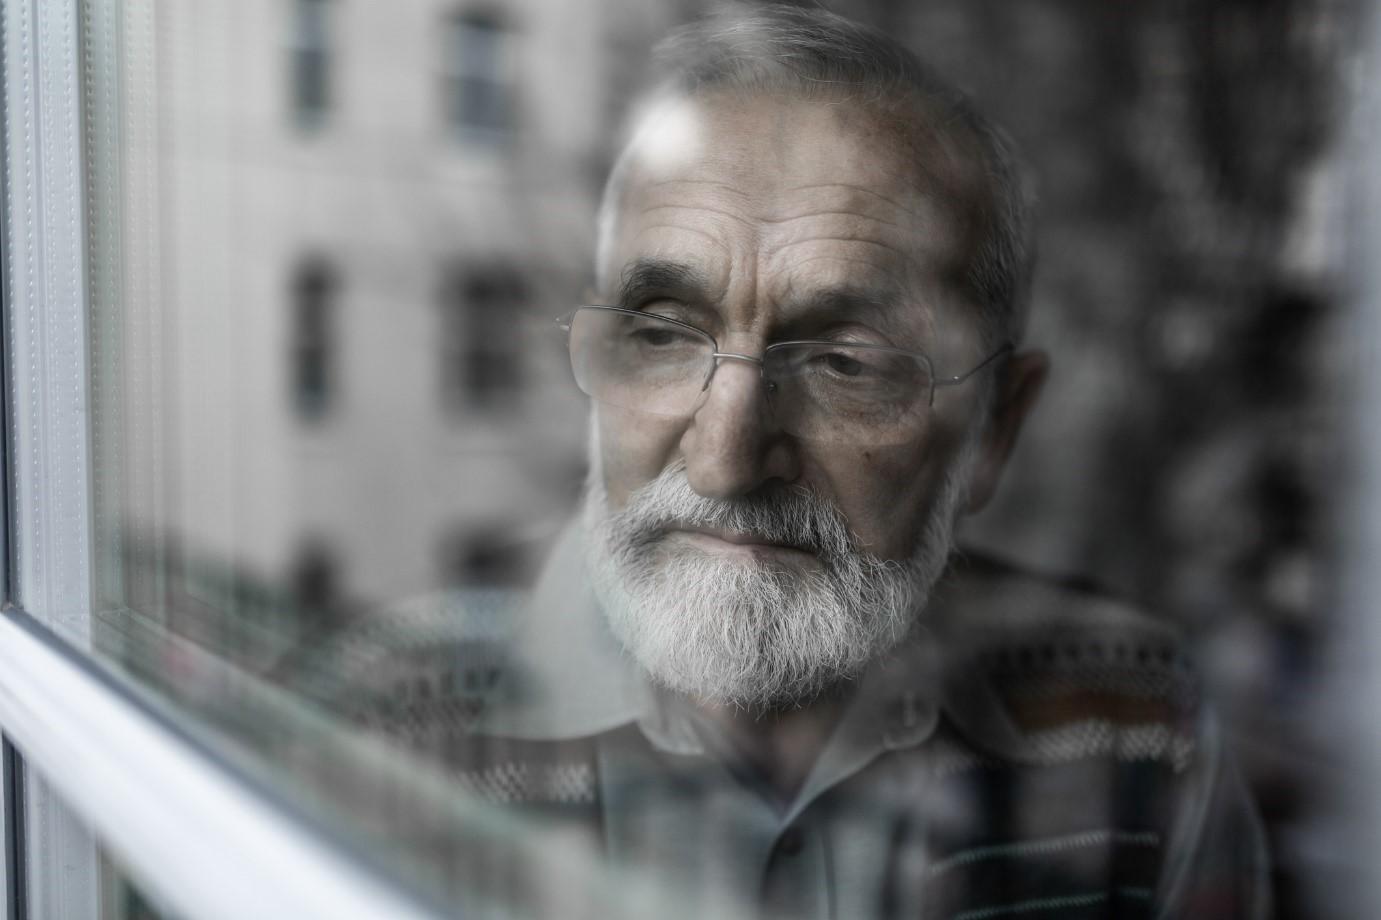 Verwaarlozing en eenzaamheid onder ouderen